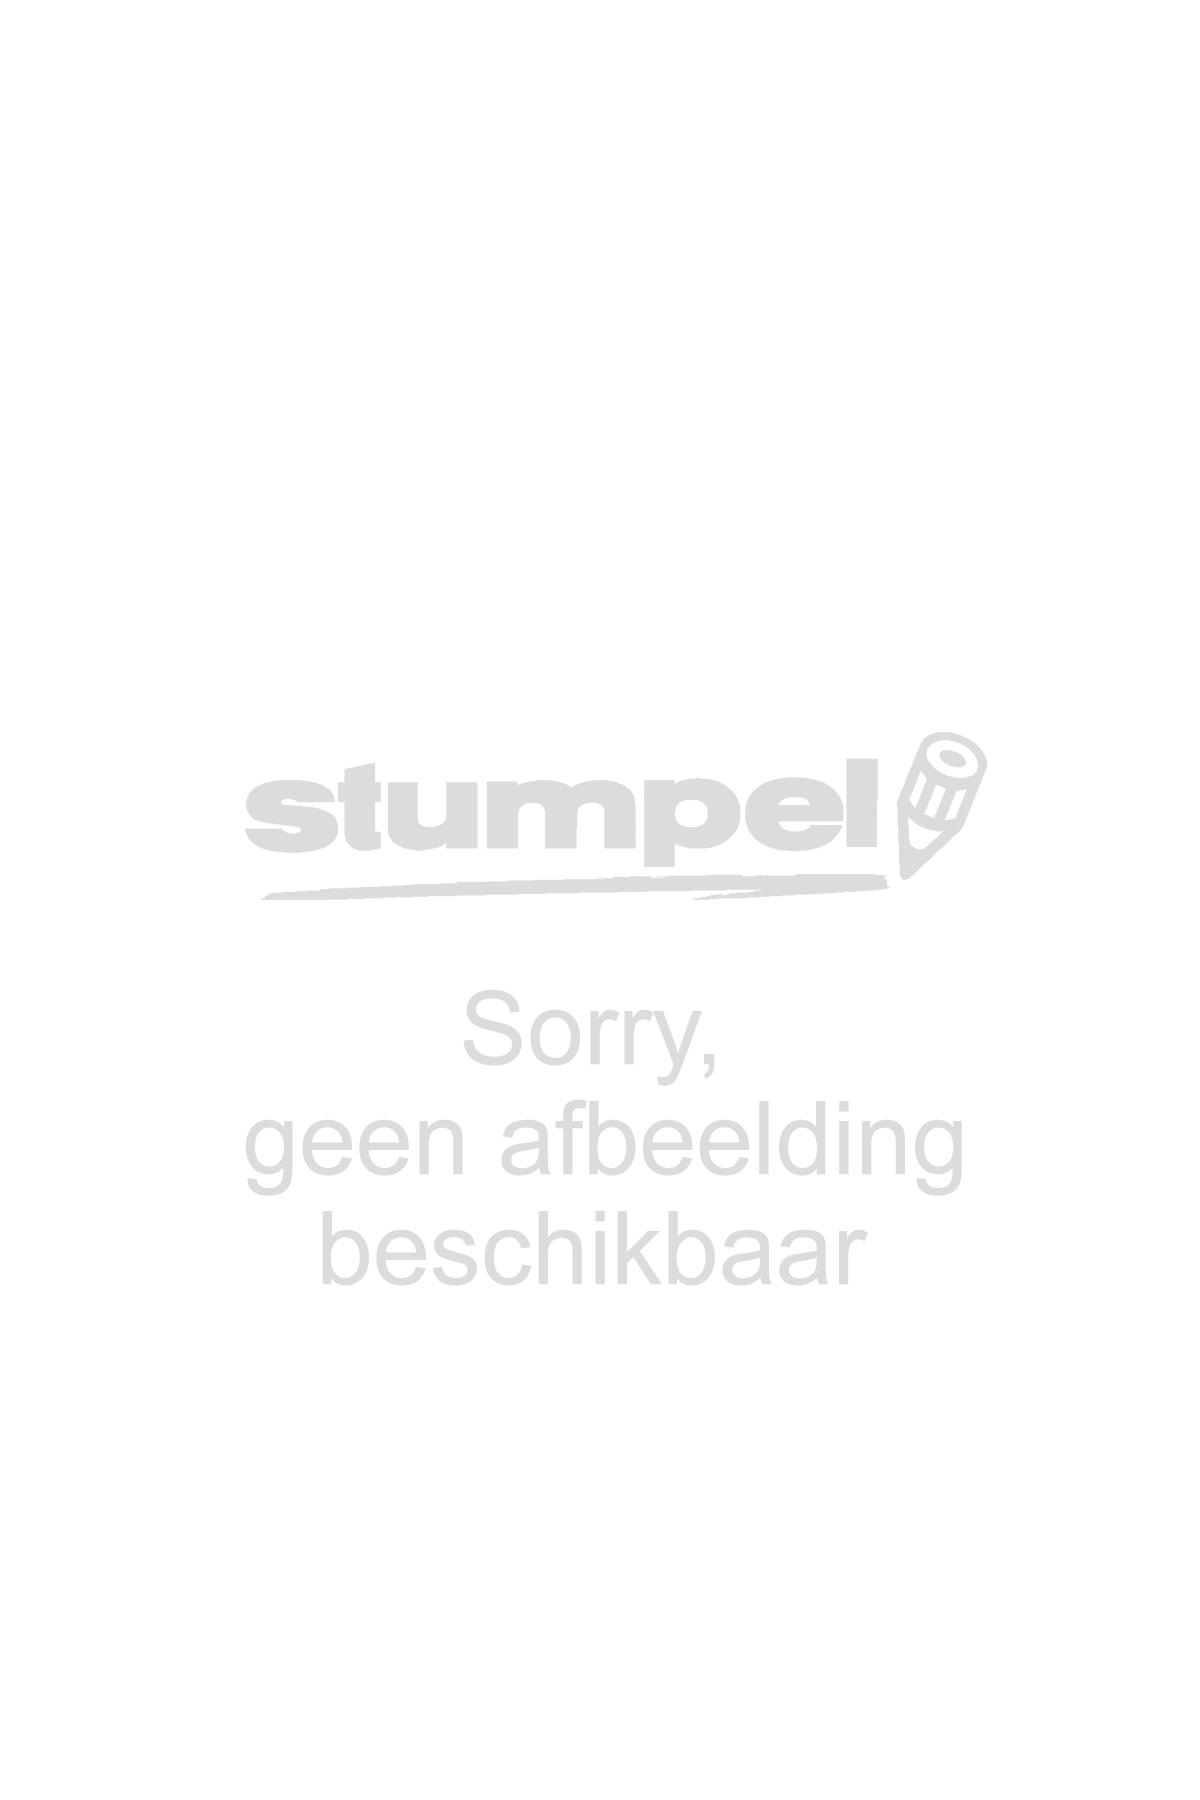 Balpen Schneider Memo XB 1,4mm (150203) blauw